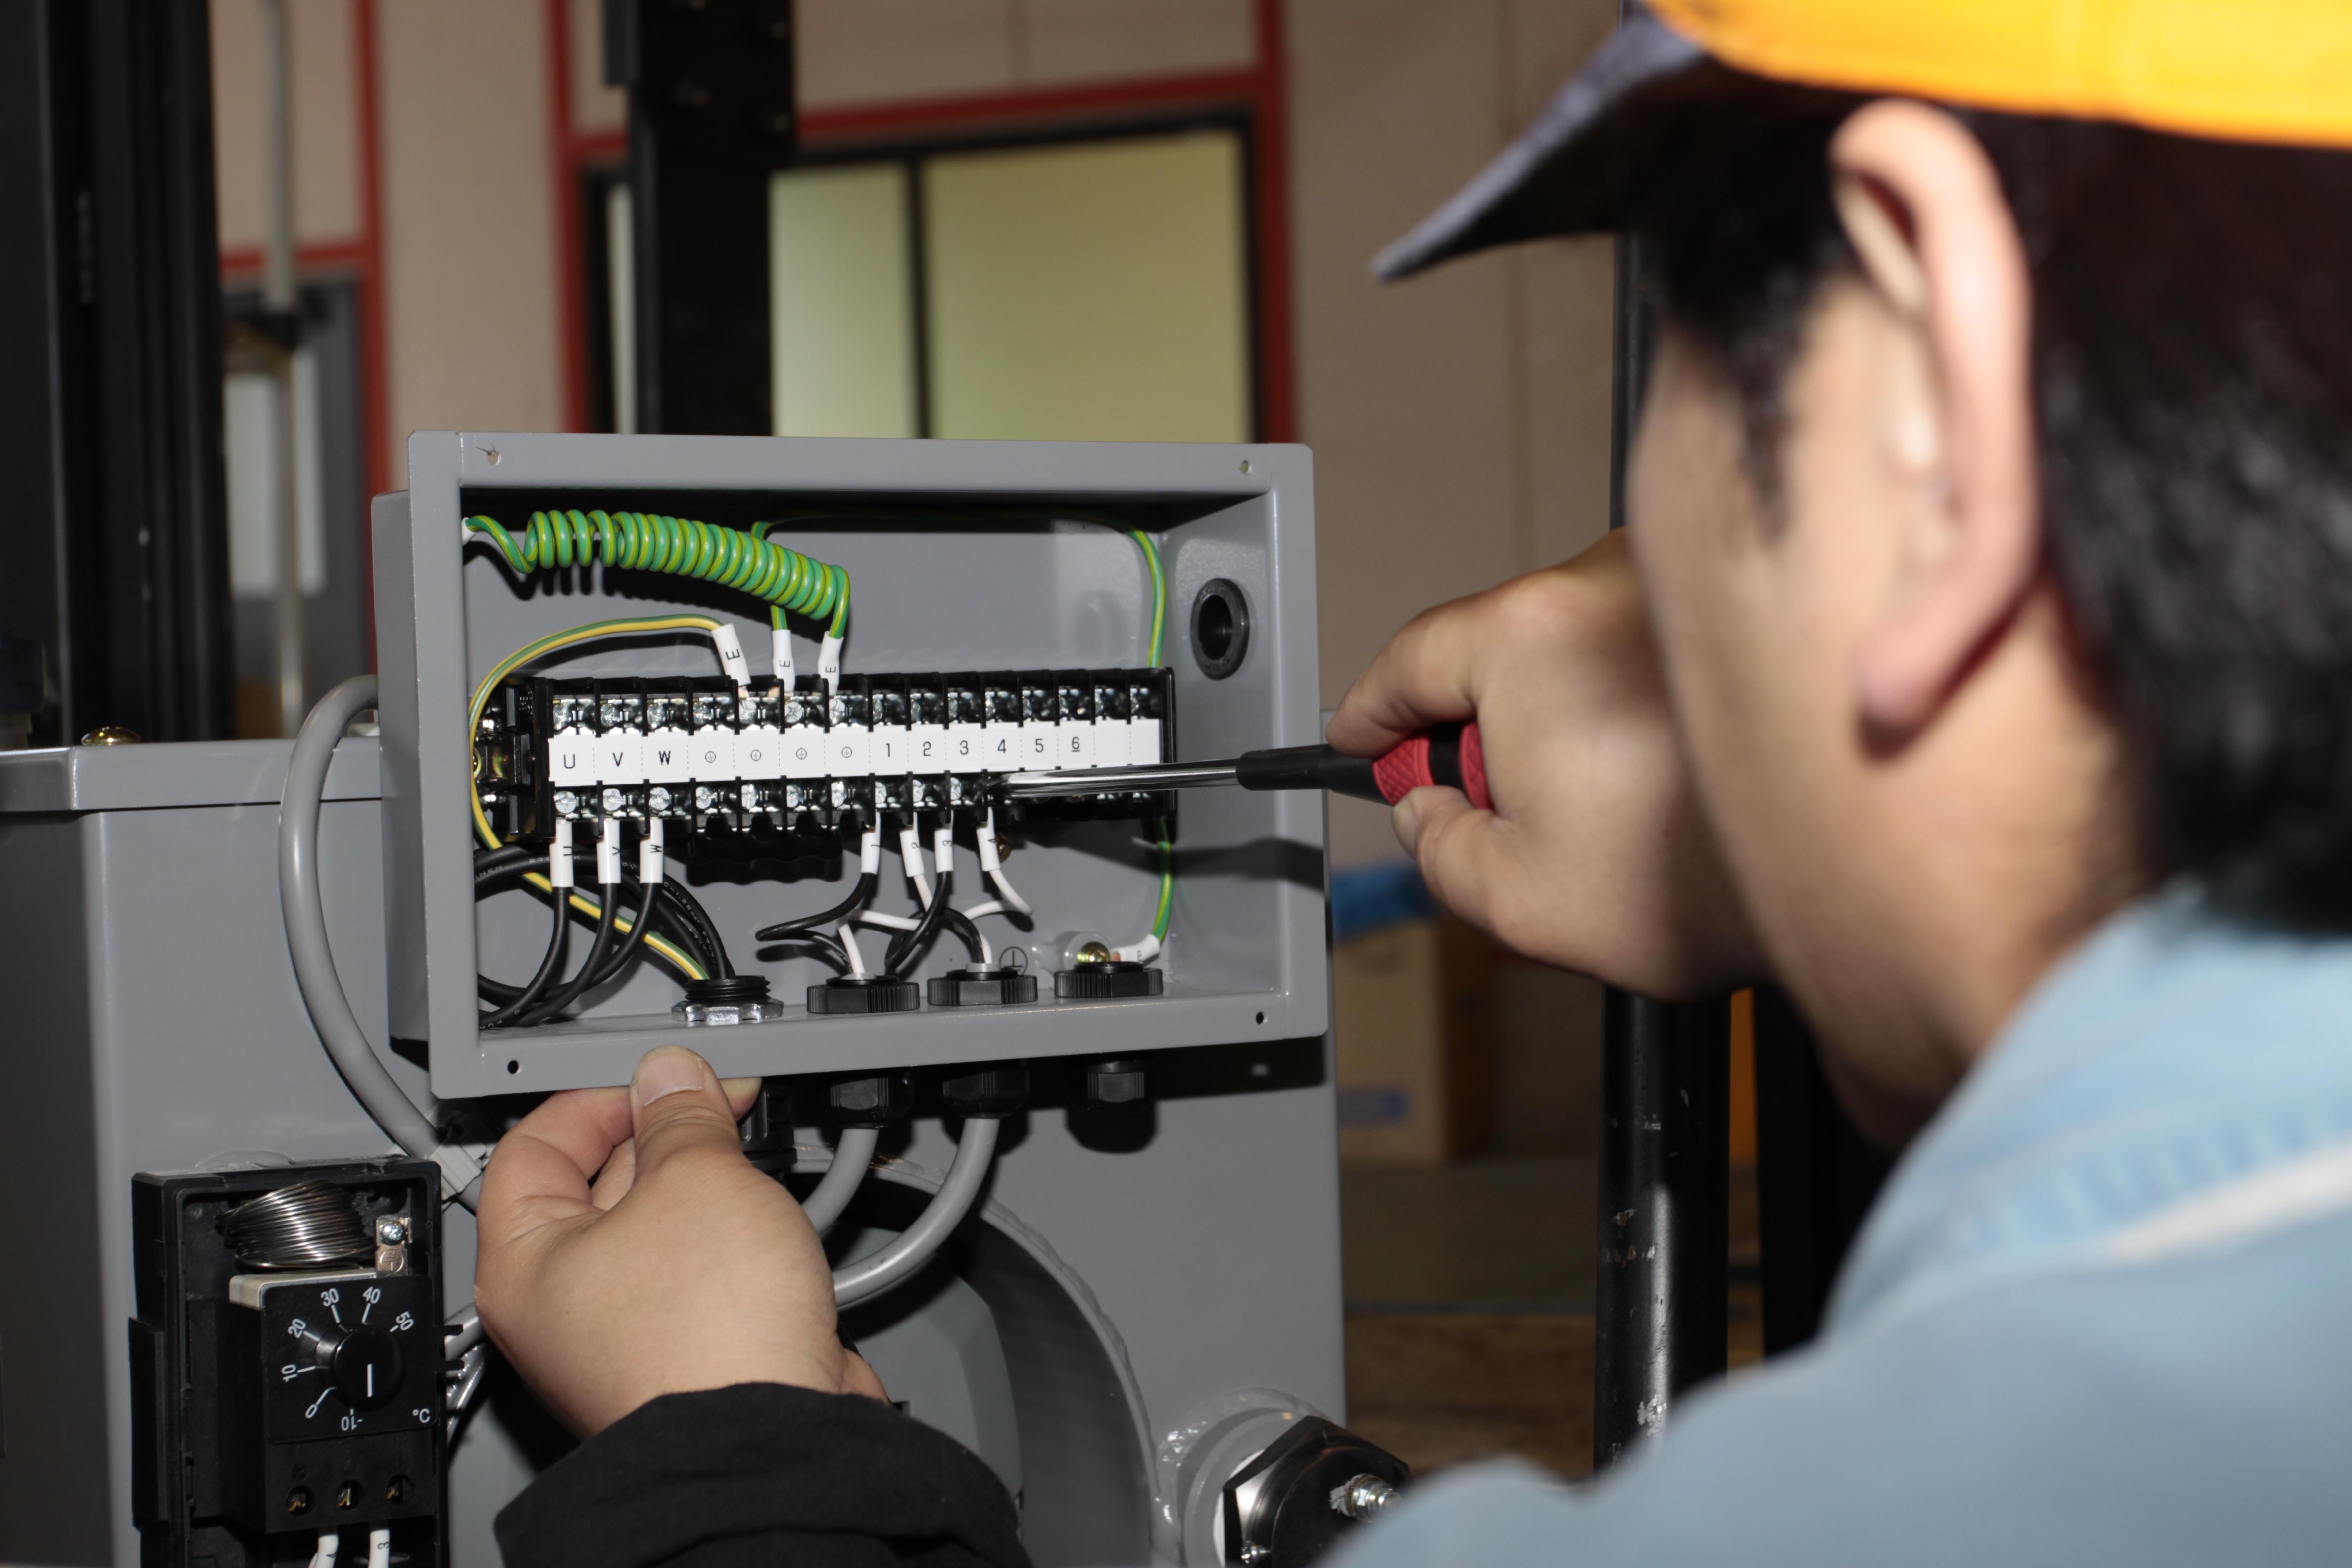 油圧ユニットへの配線作業風景